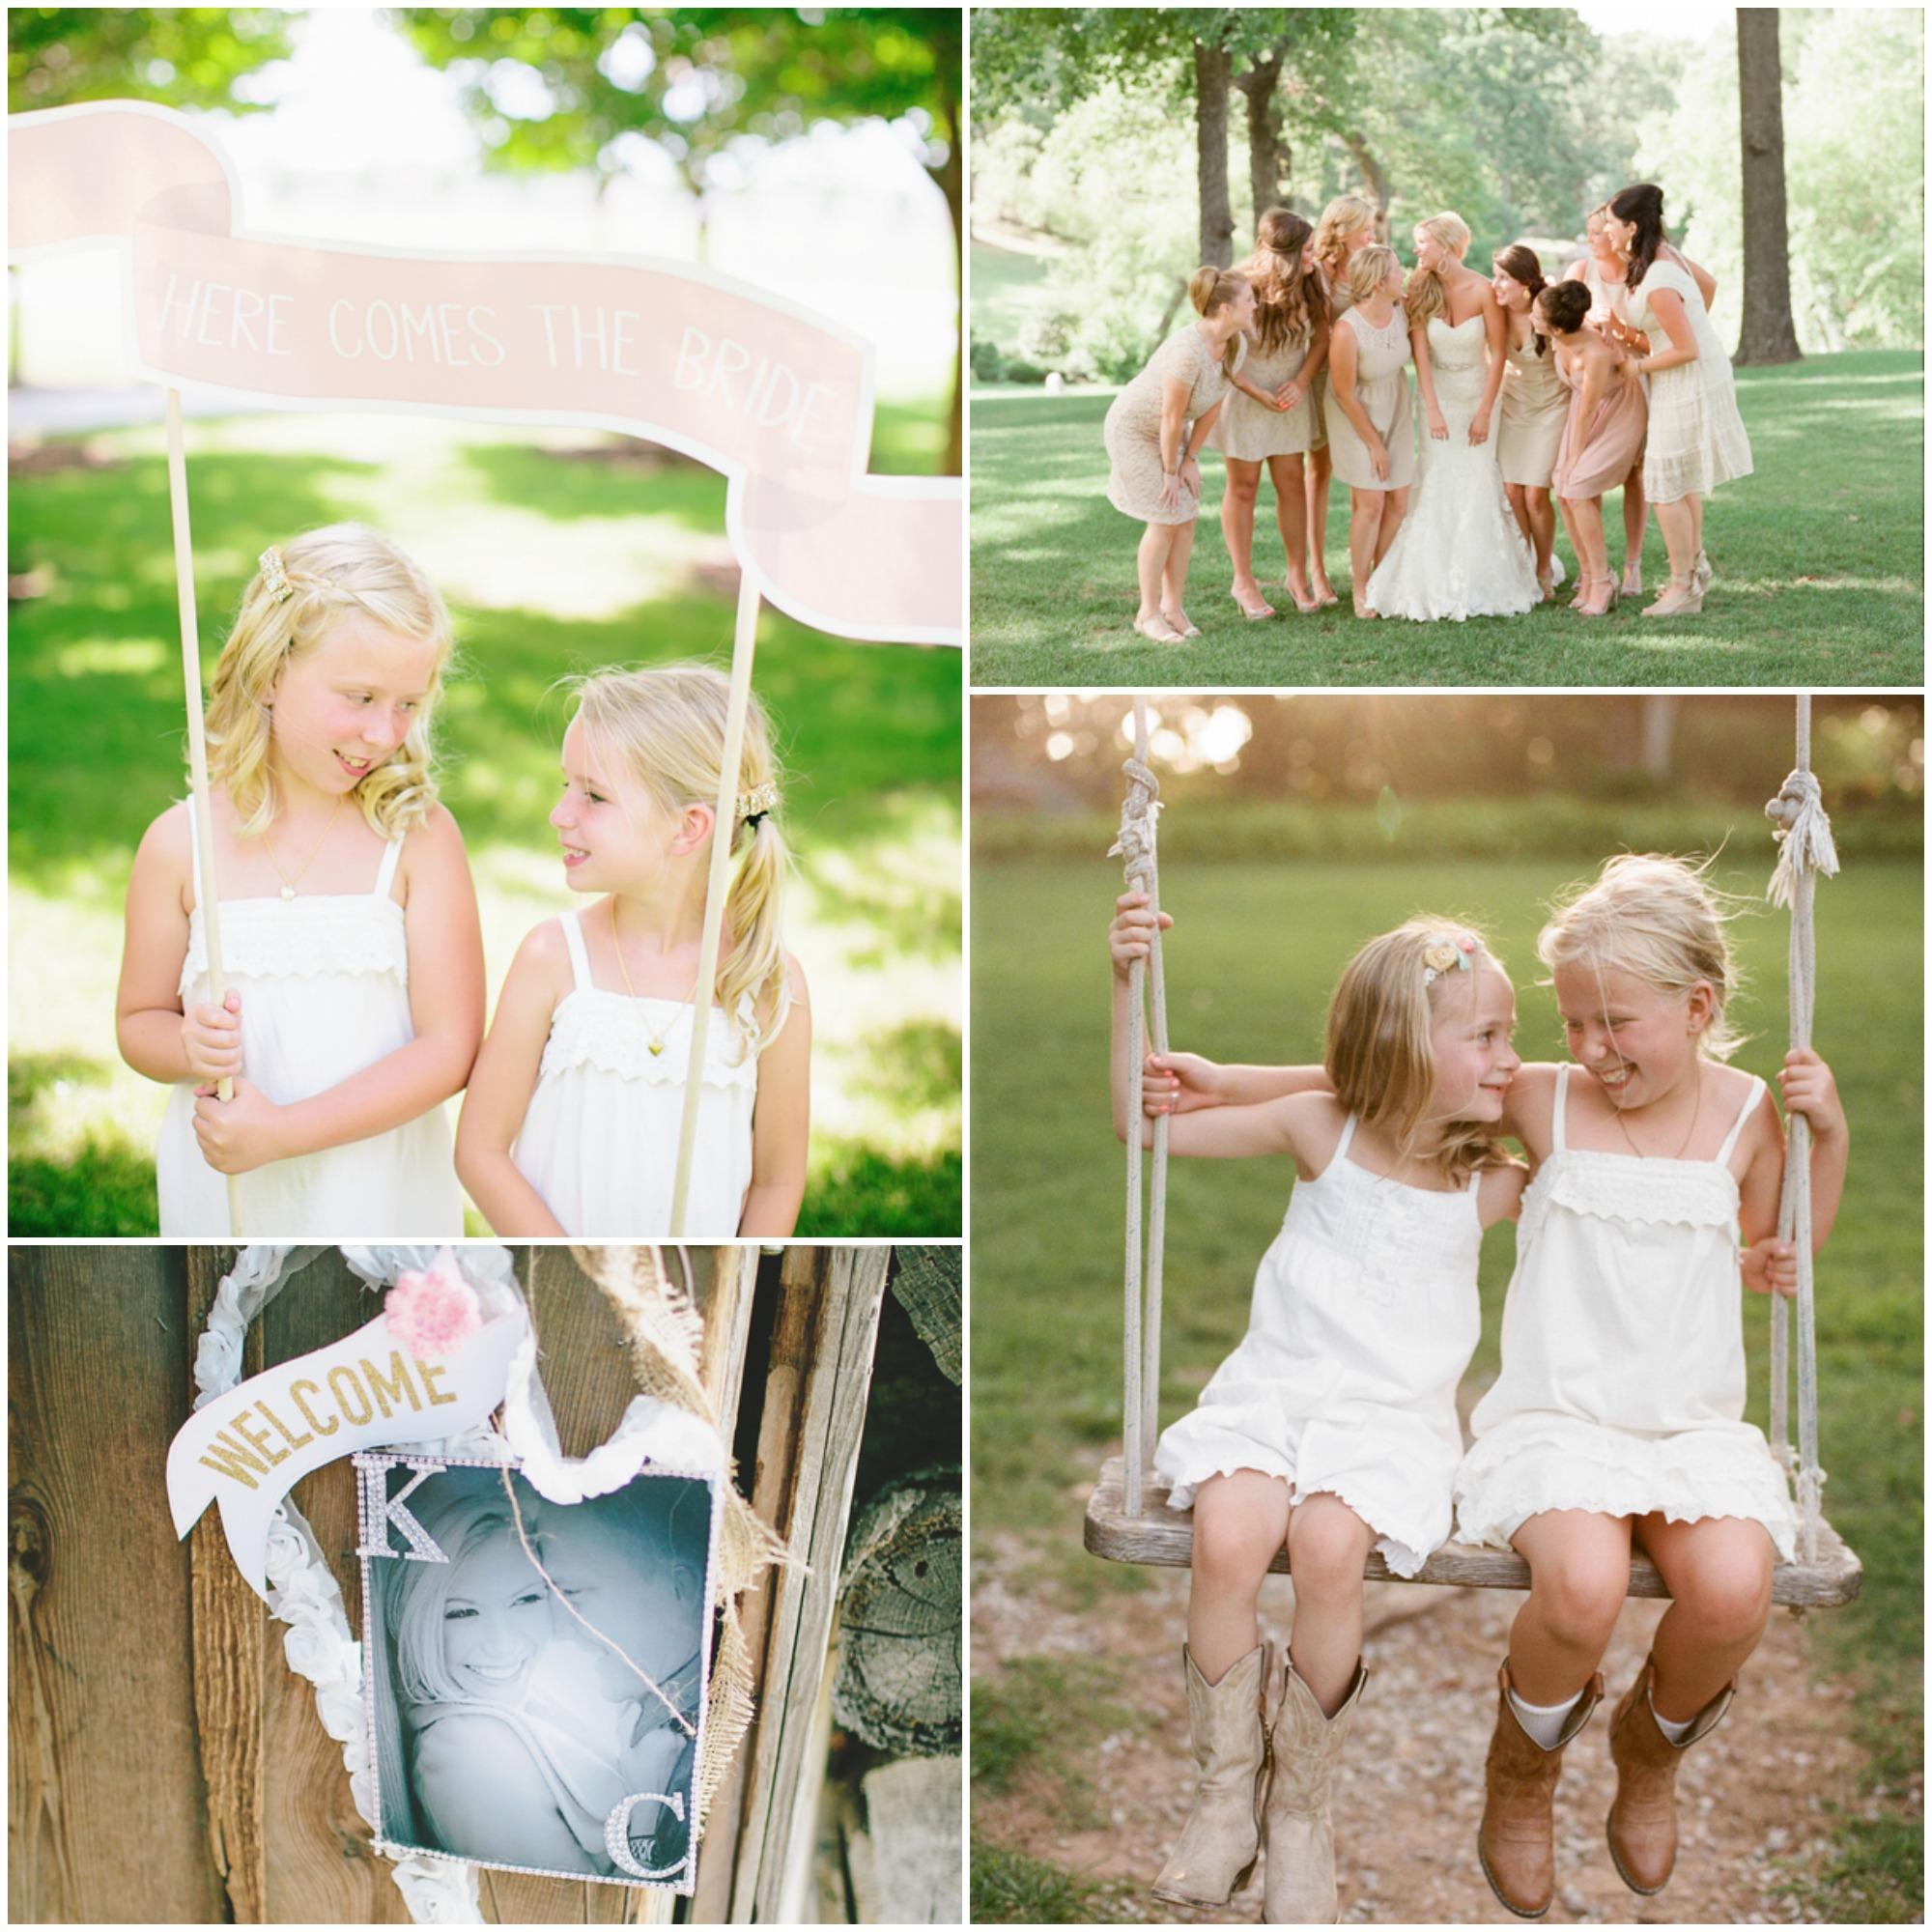 Southern Barn Wedding At Vive Le Ranch Rustic Wedding Chic | Kumpulan ...